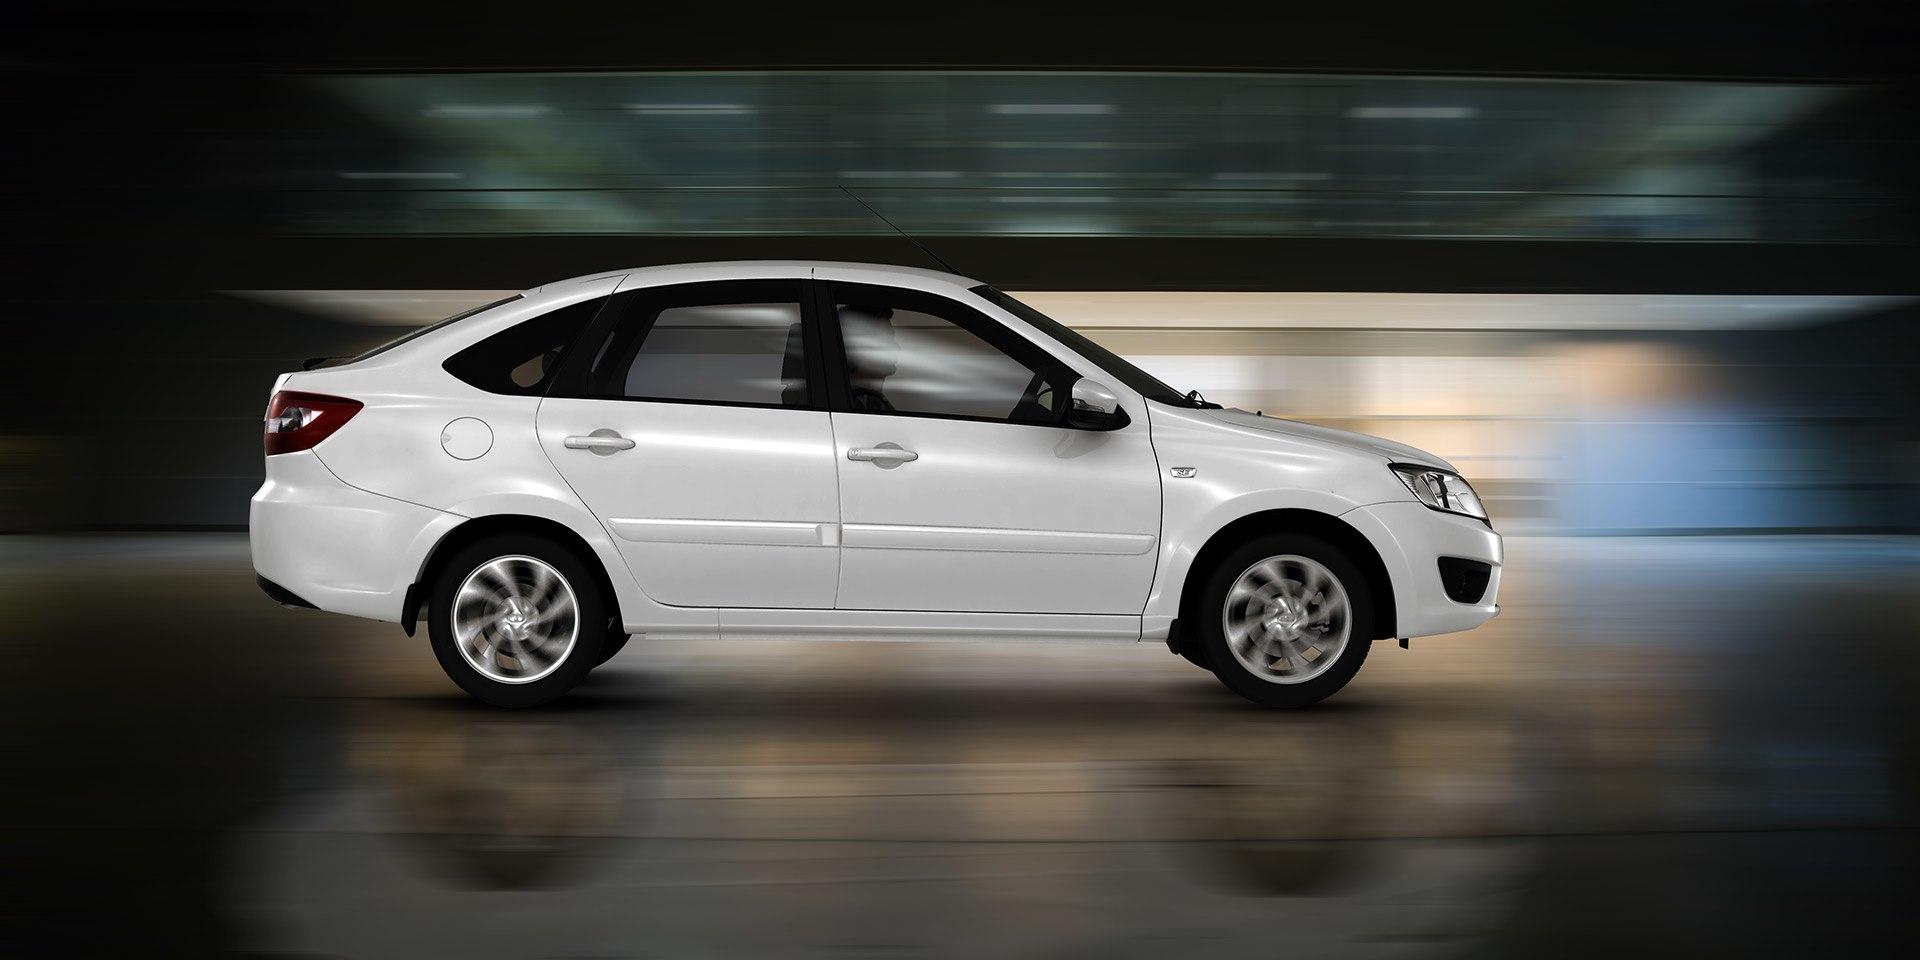 Новые модели Toyota 2019 года: фото и цена авто, когда выйдут новинки в России в 2019 году